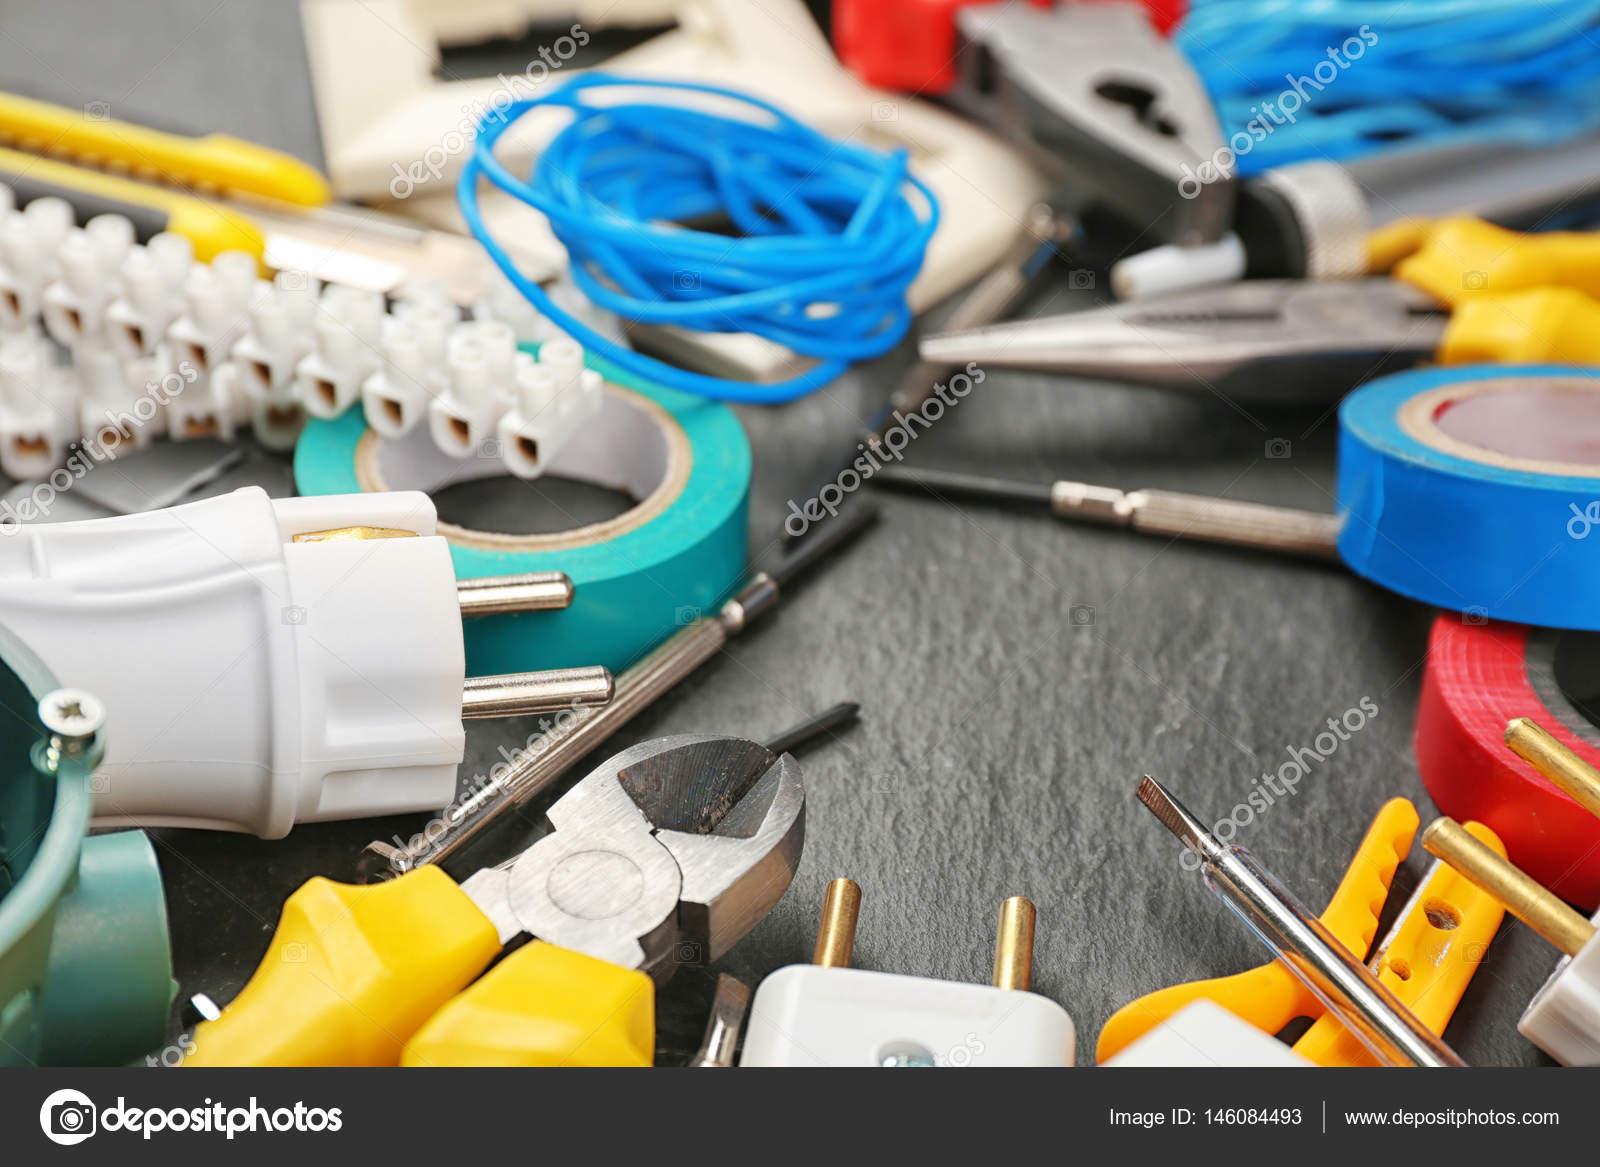 Banco Da Lavoro Per Elettricisti : Utensili per elettricisti diversi u2014 foto stock © belchonock #146084493